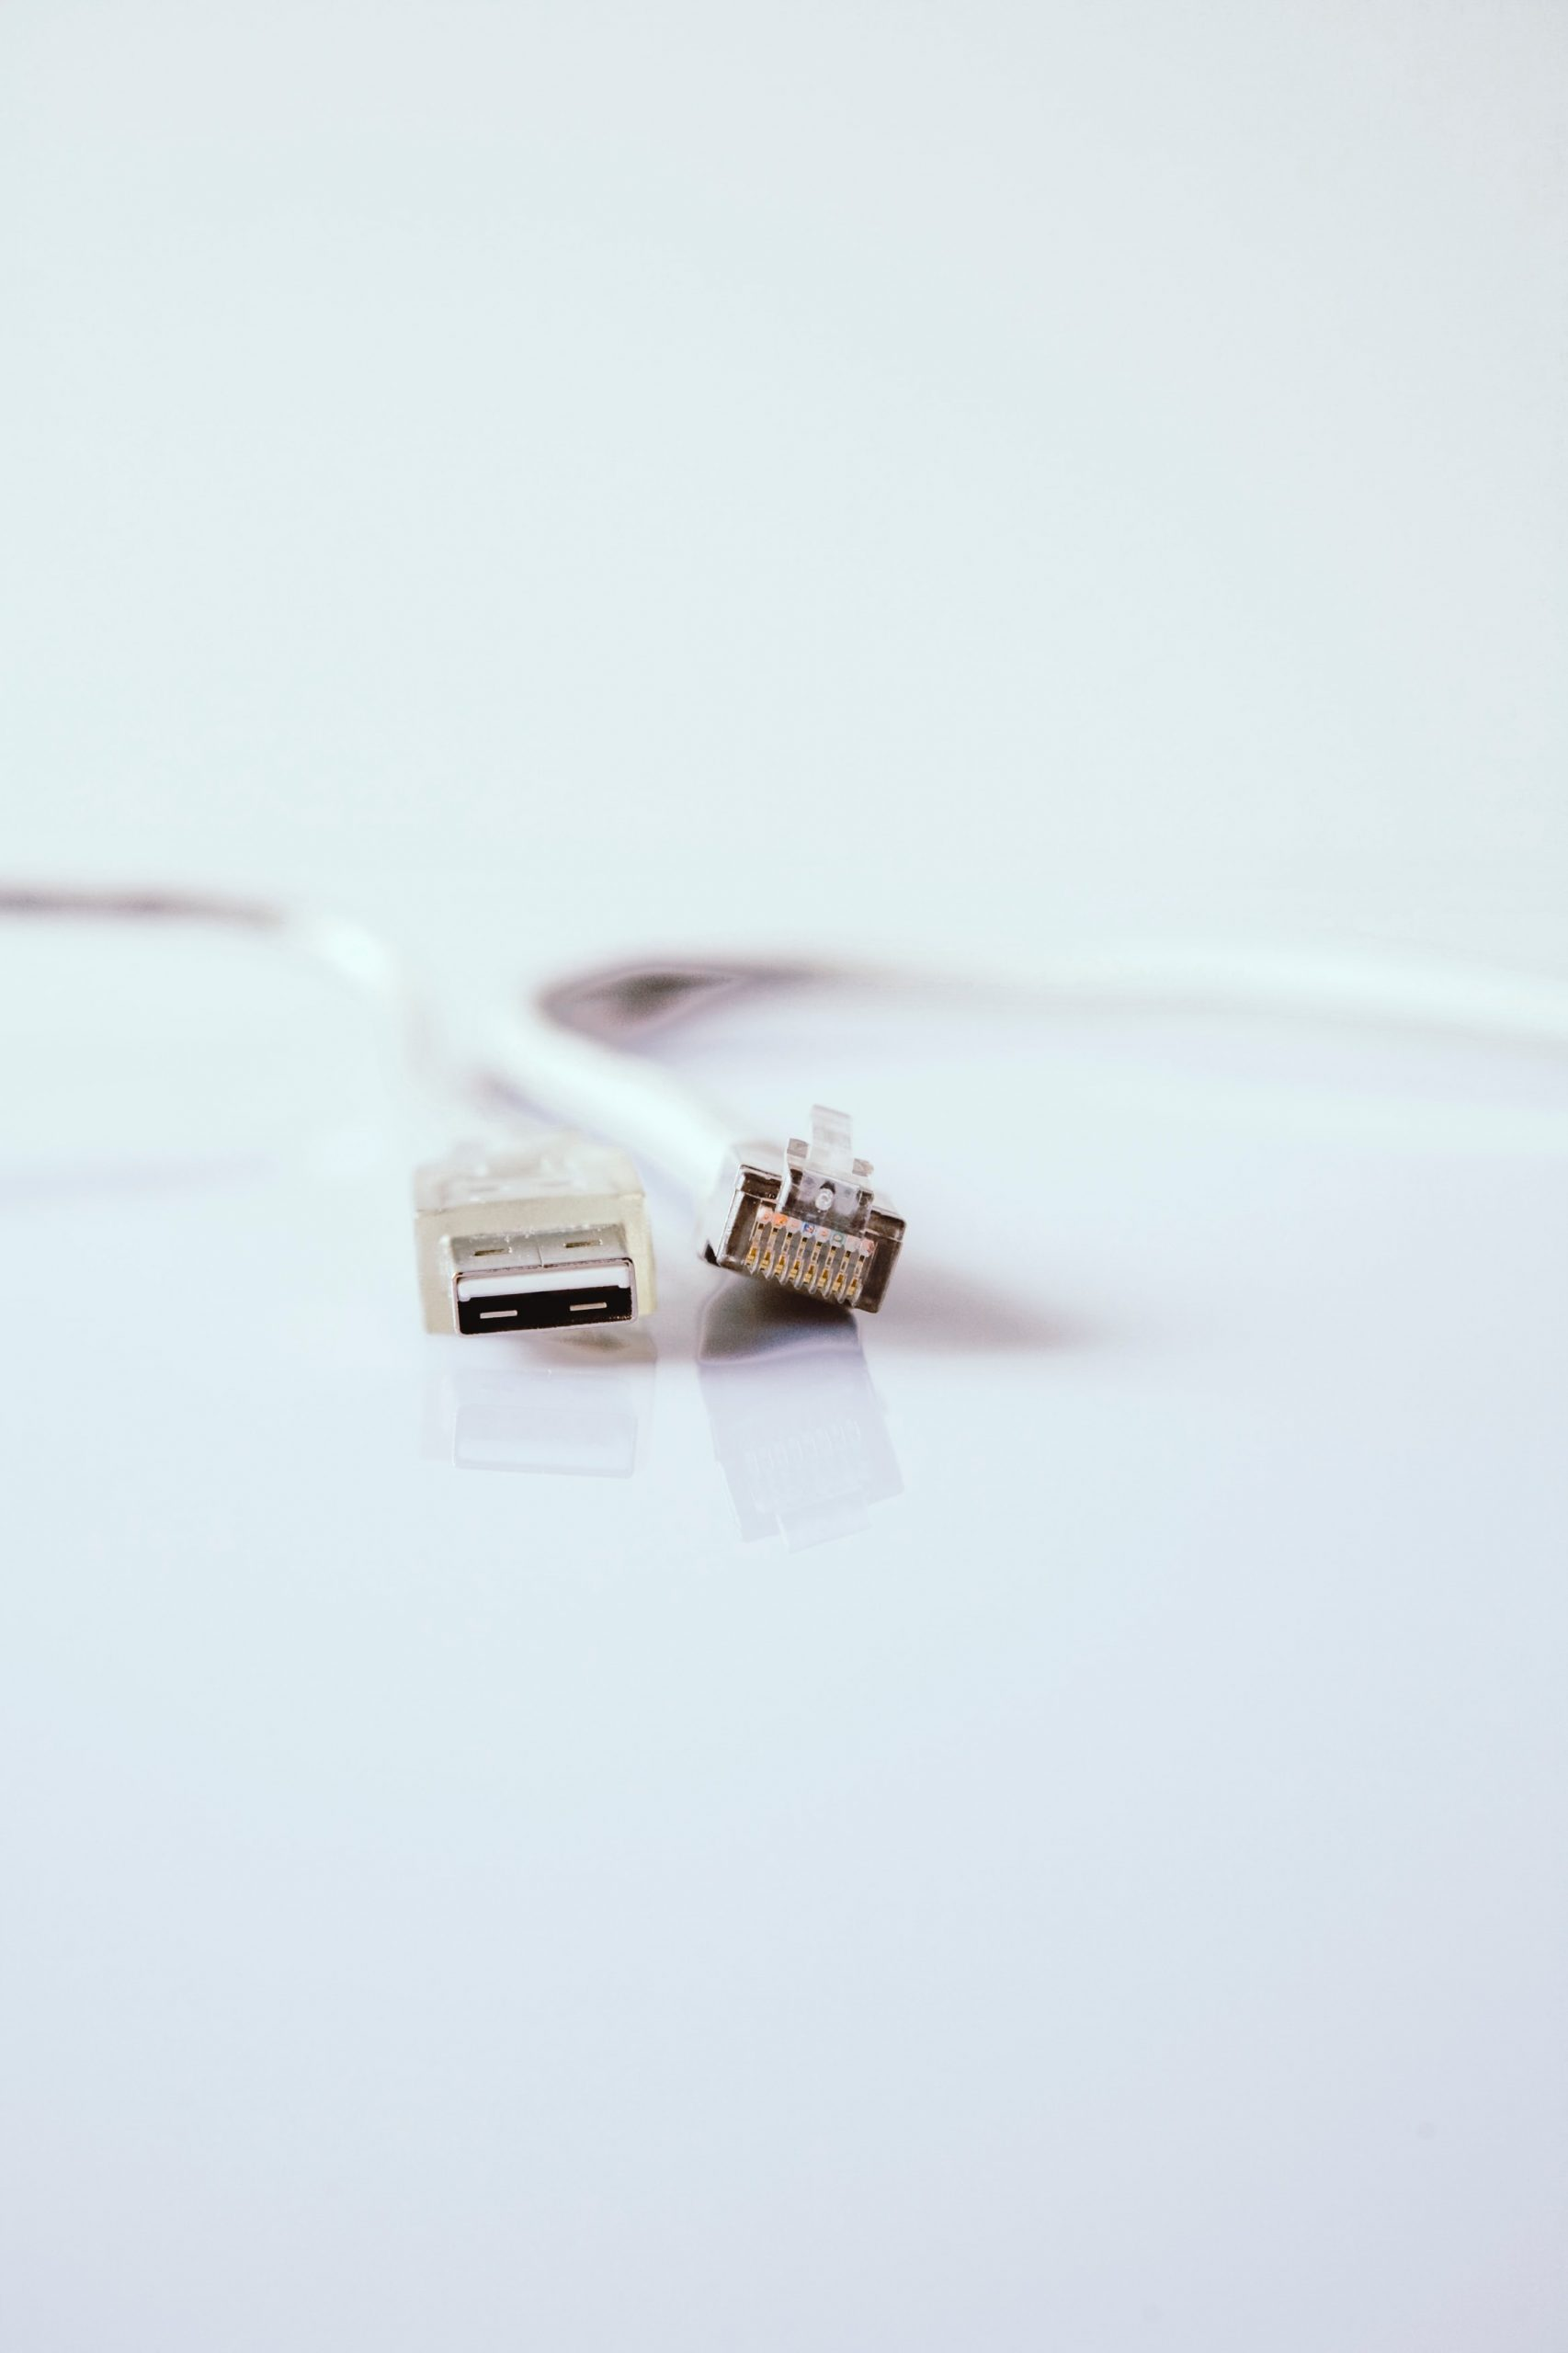 Proposta de tarifa social de acesso à Internet em banda larga é apresentada pela Anacom